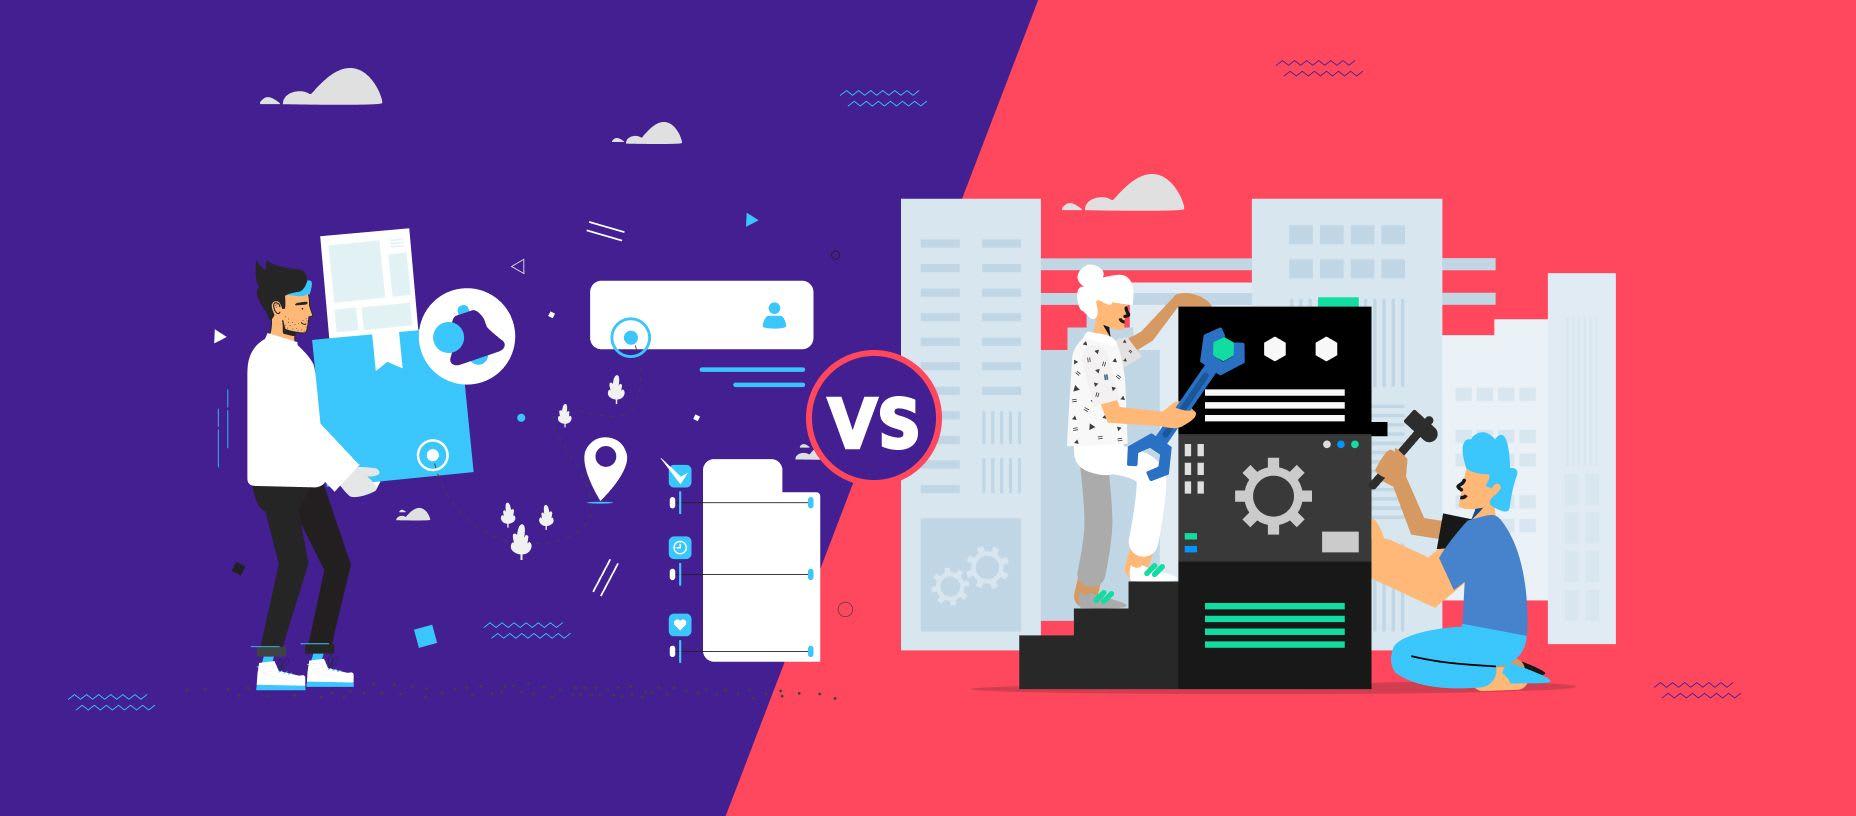 Off-the-shelf vs custom-made: Do you buy or build your software?